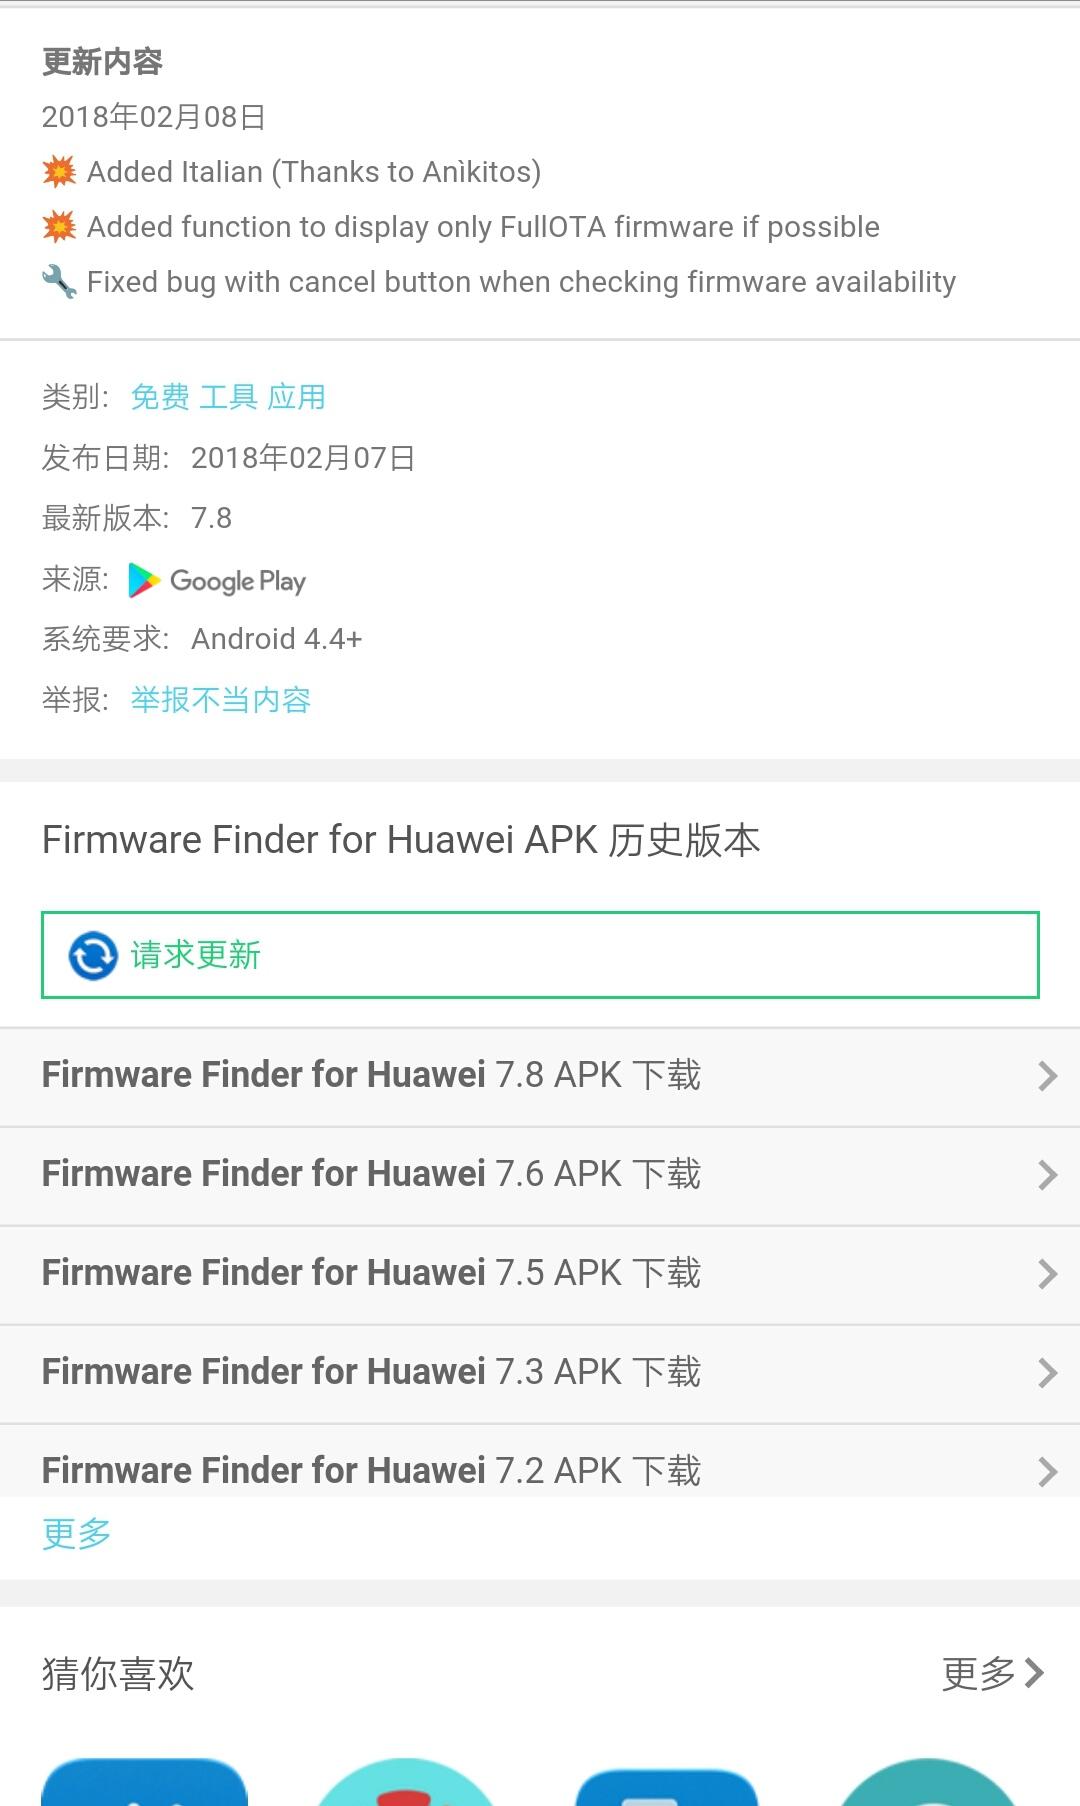 最新发布】Firmware Finder v7 8 - 荣耀畅玩5C应用游戏花粉俱乐部